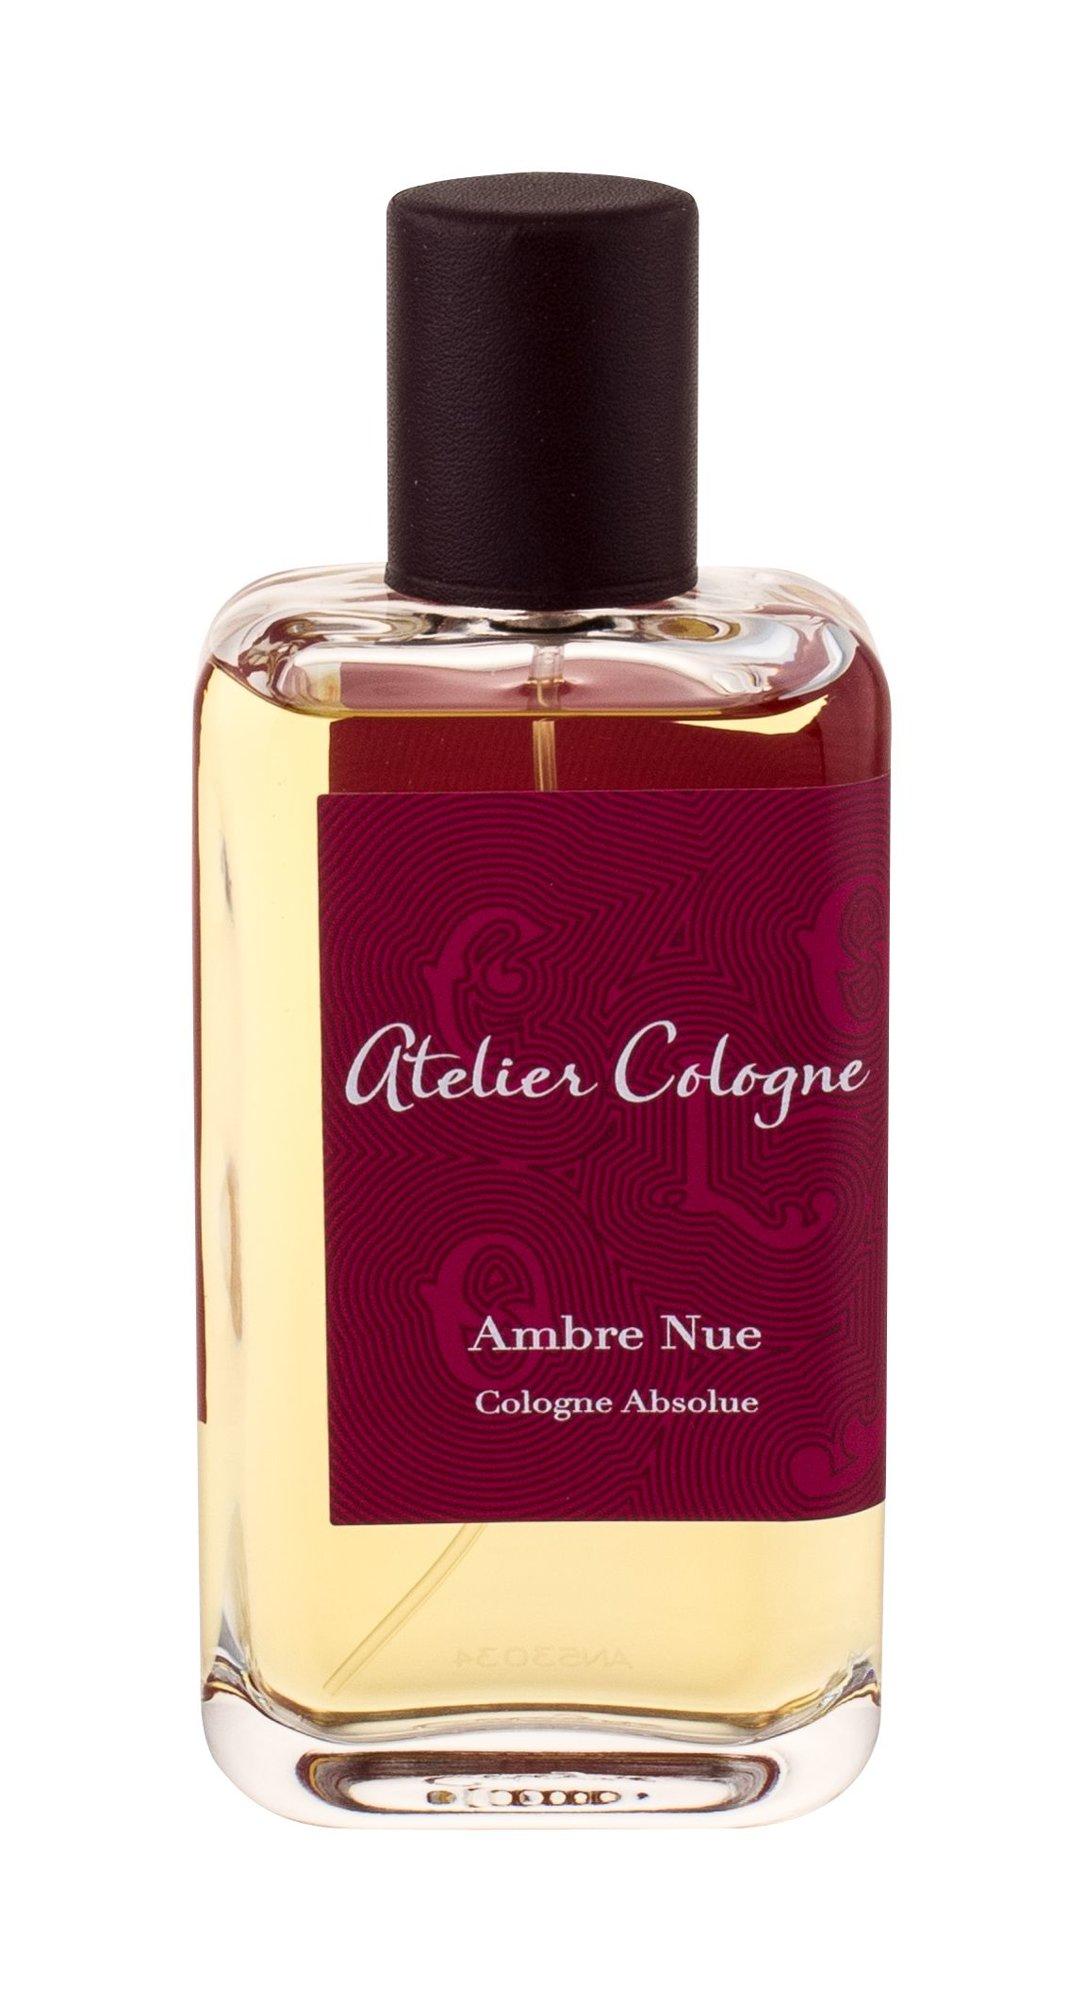 Atelier Cologne Ambre Nue Cologne 100ml